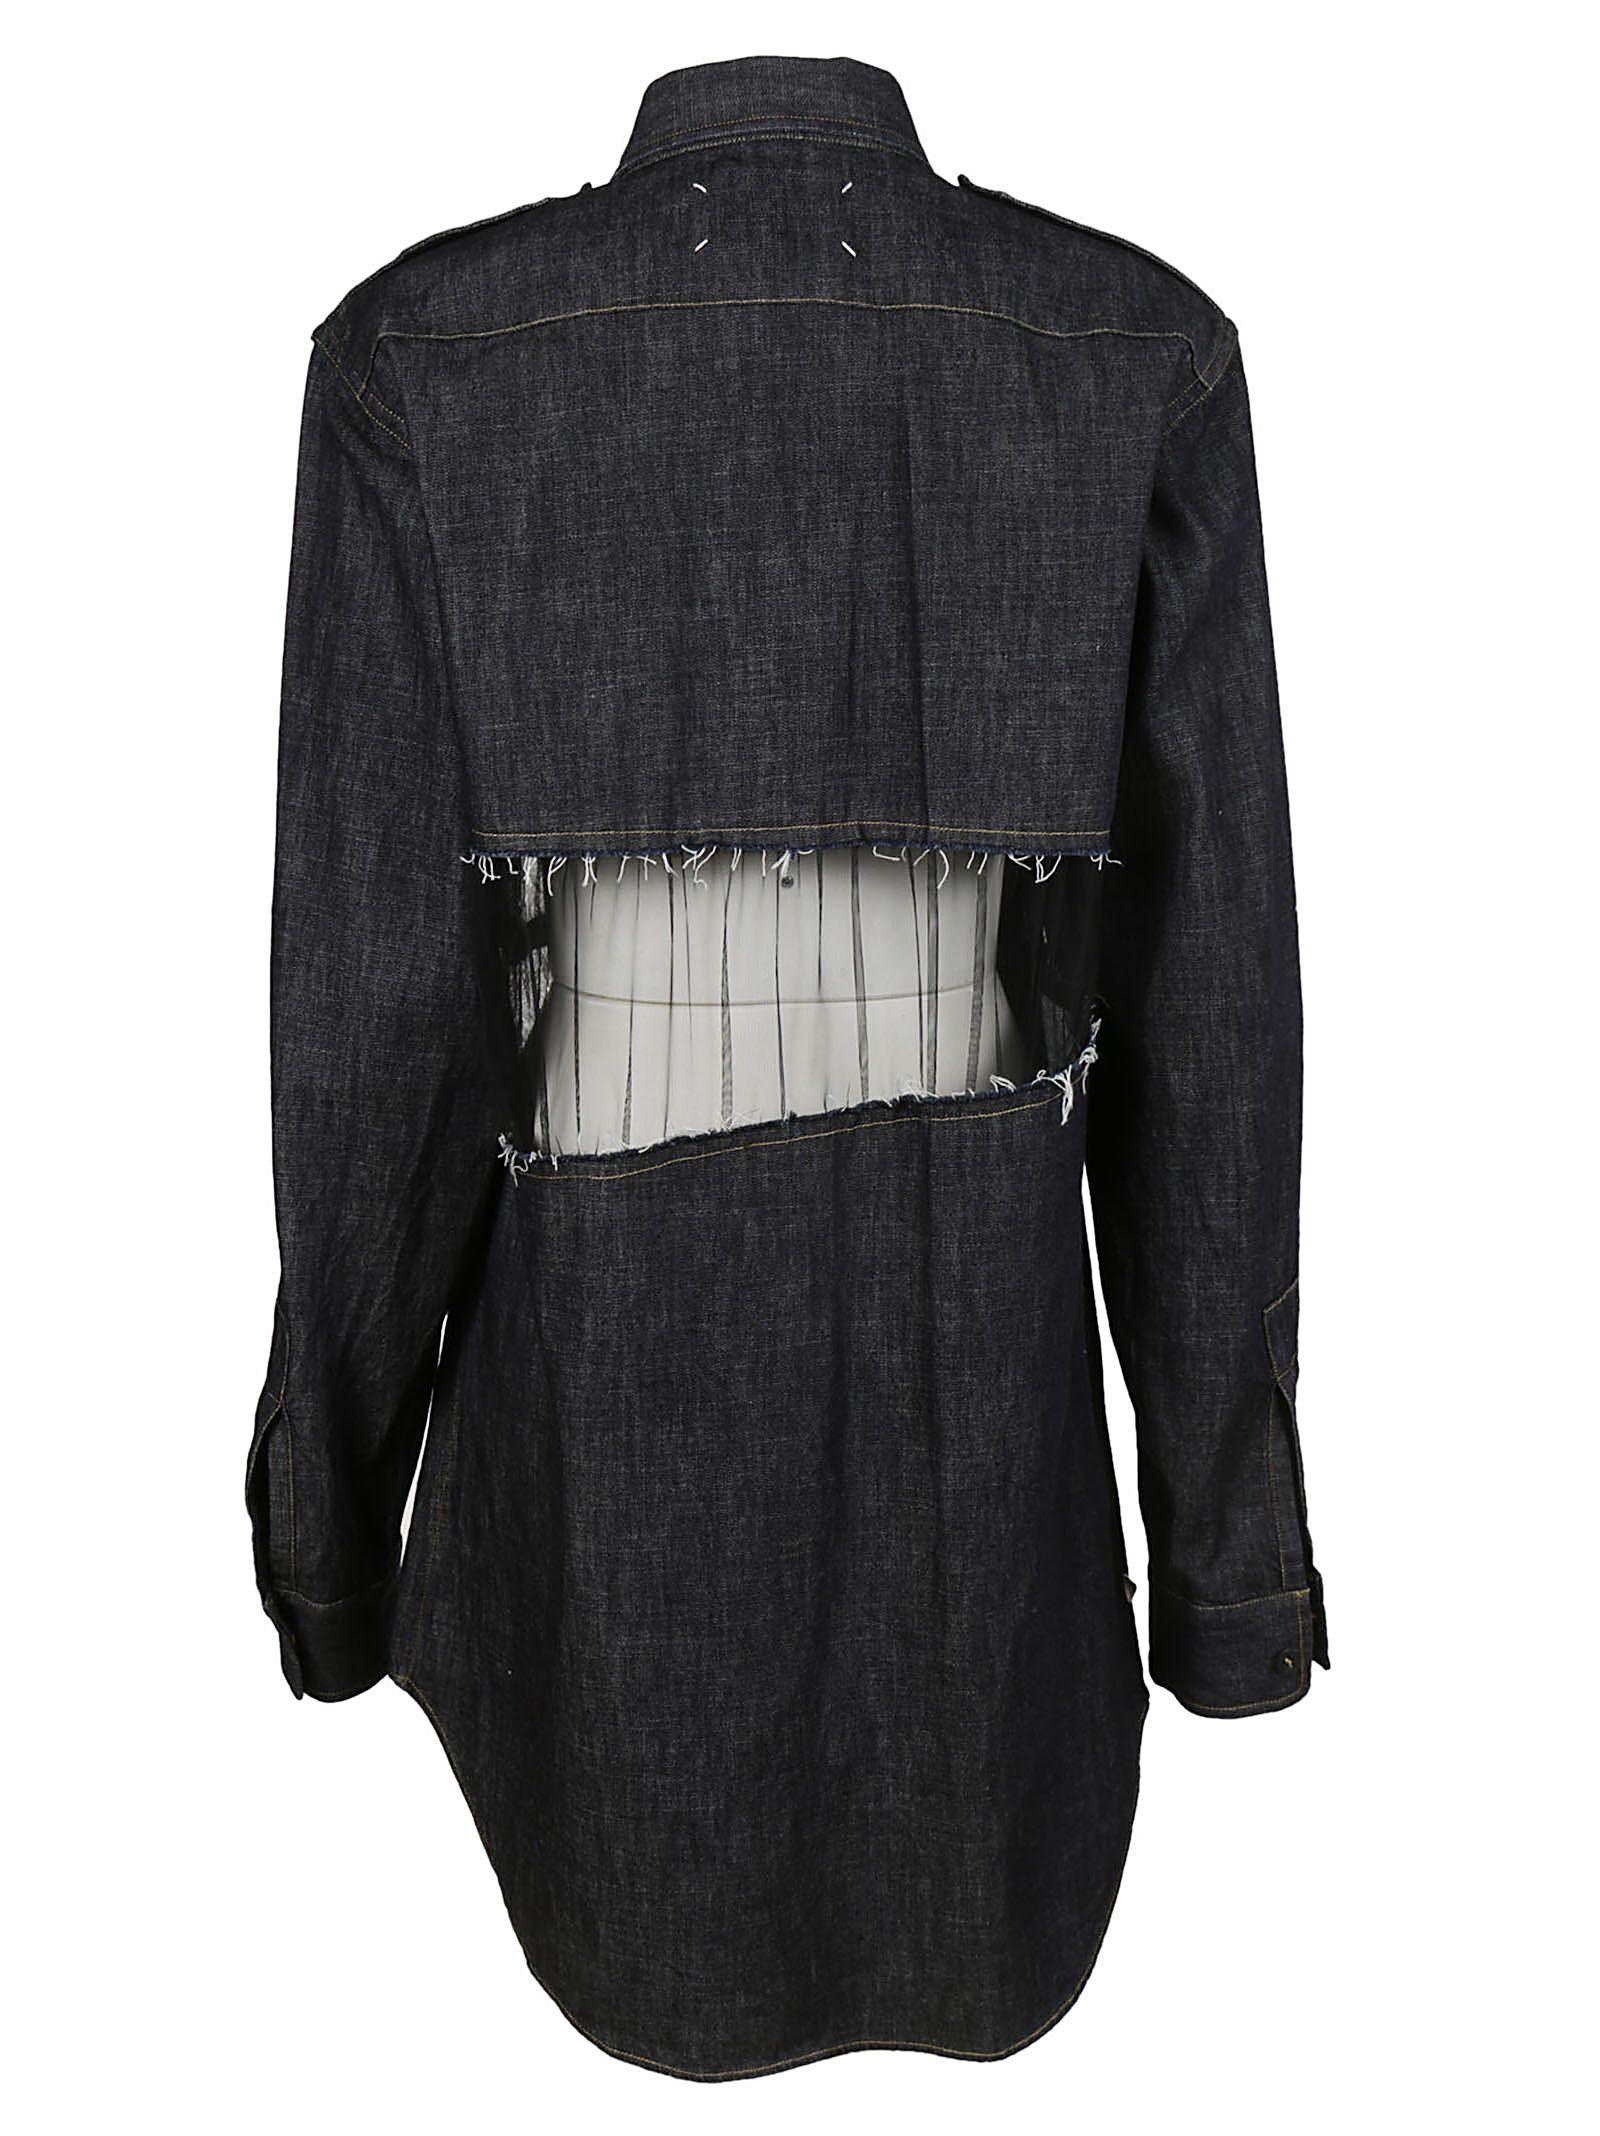 Vestido aberturas con de azul de Margiela camisero Maison detalle OROqng1FU